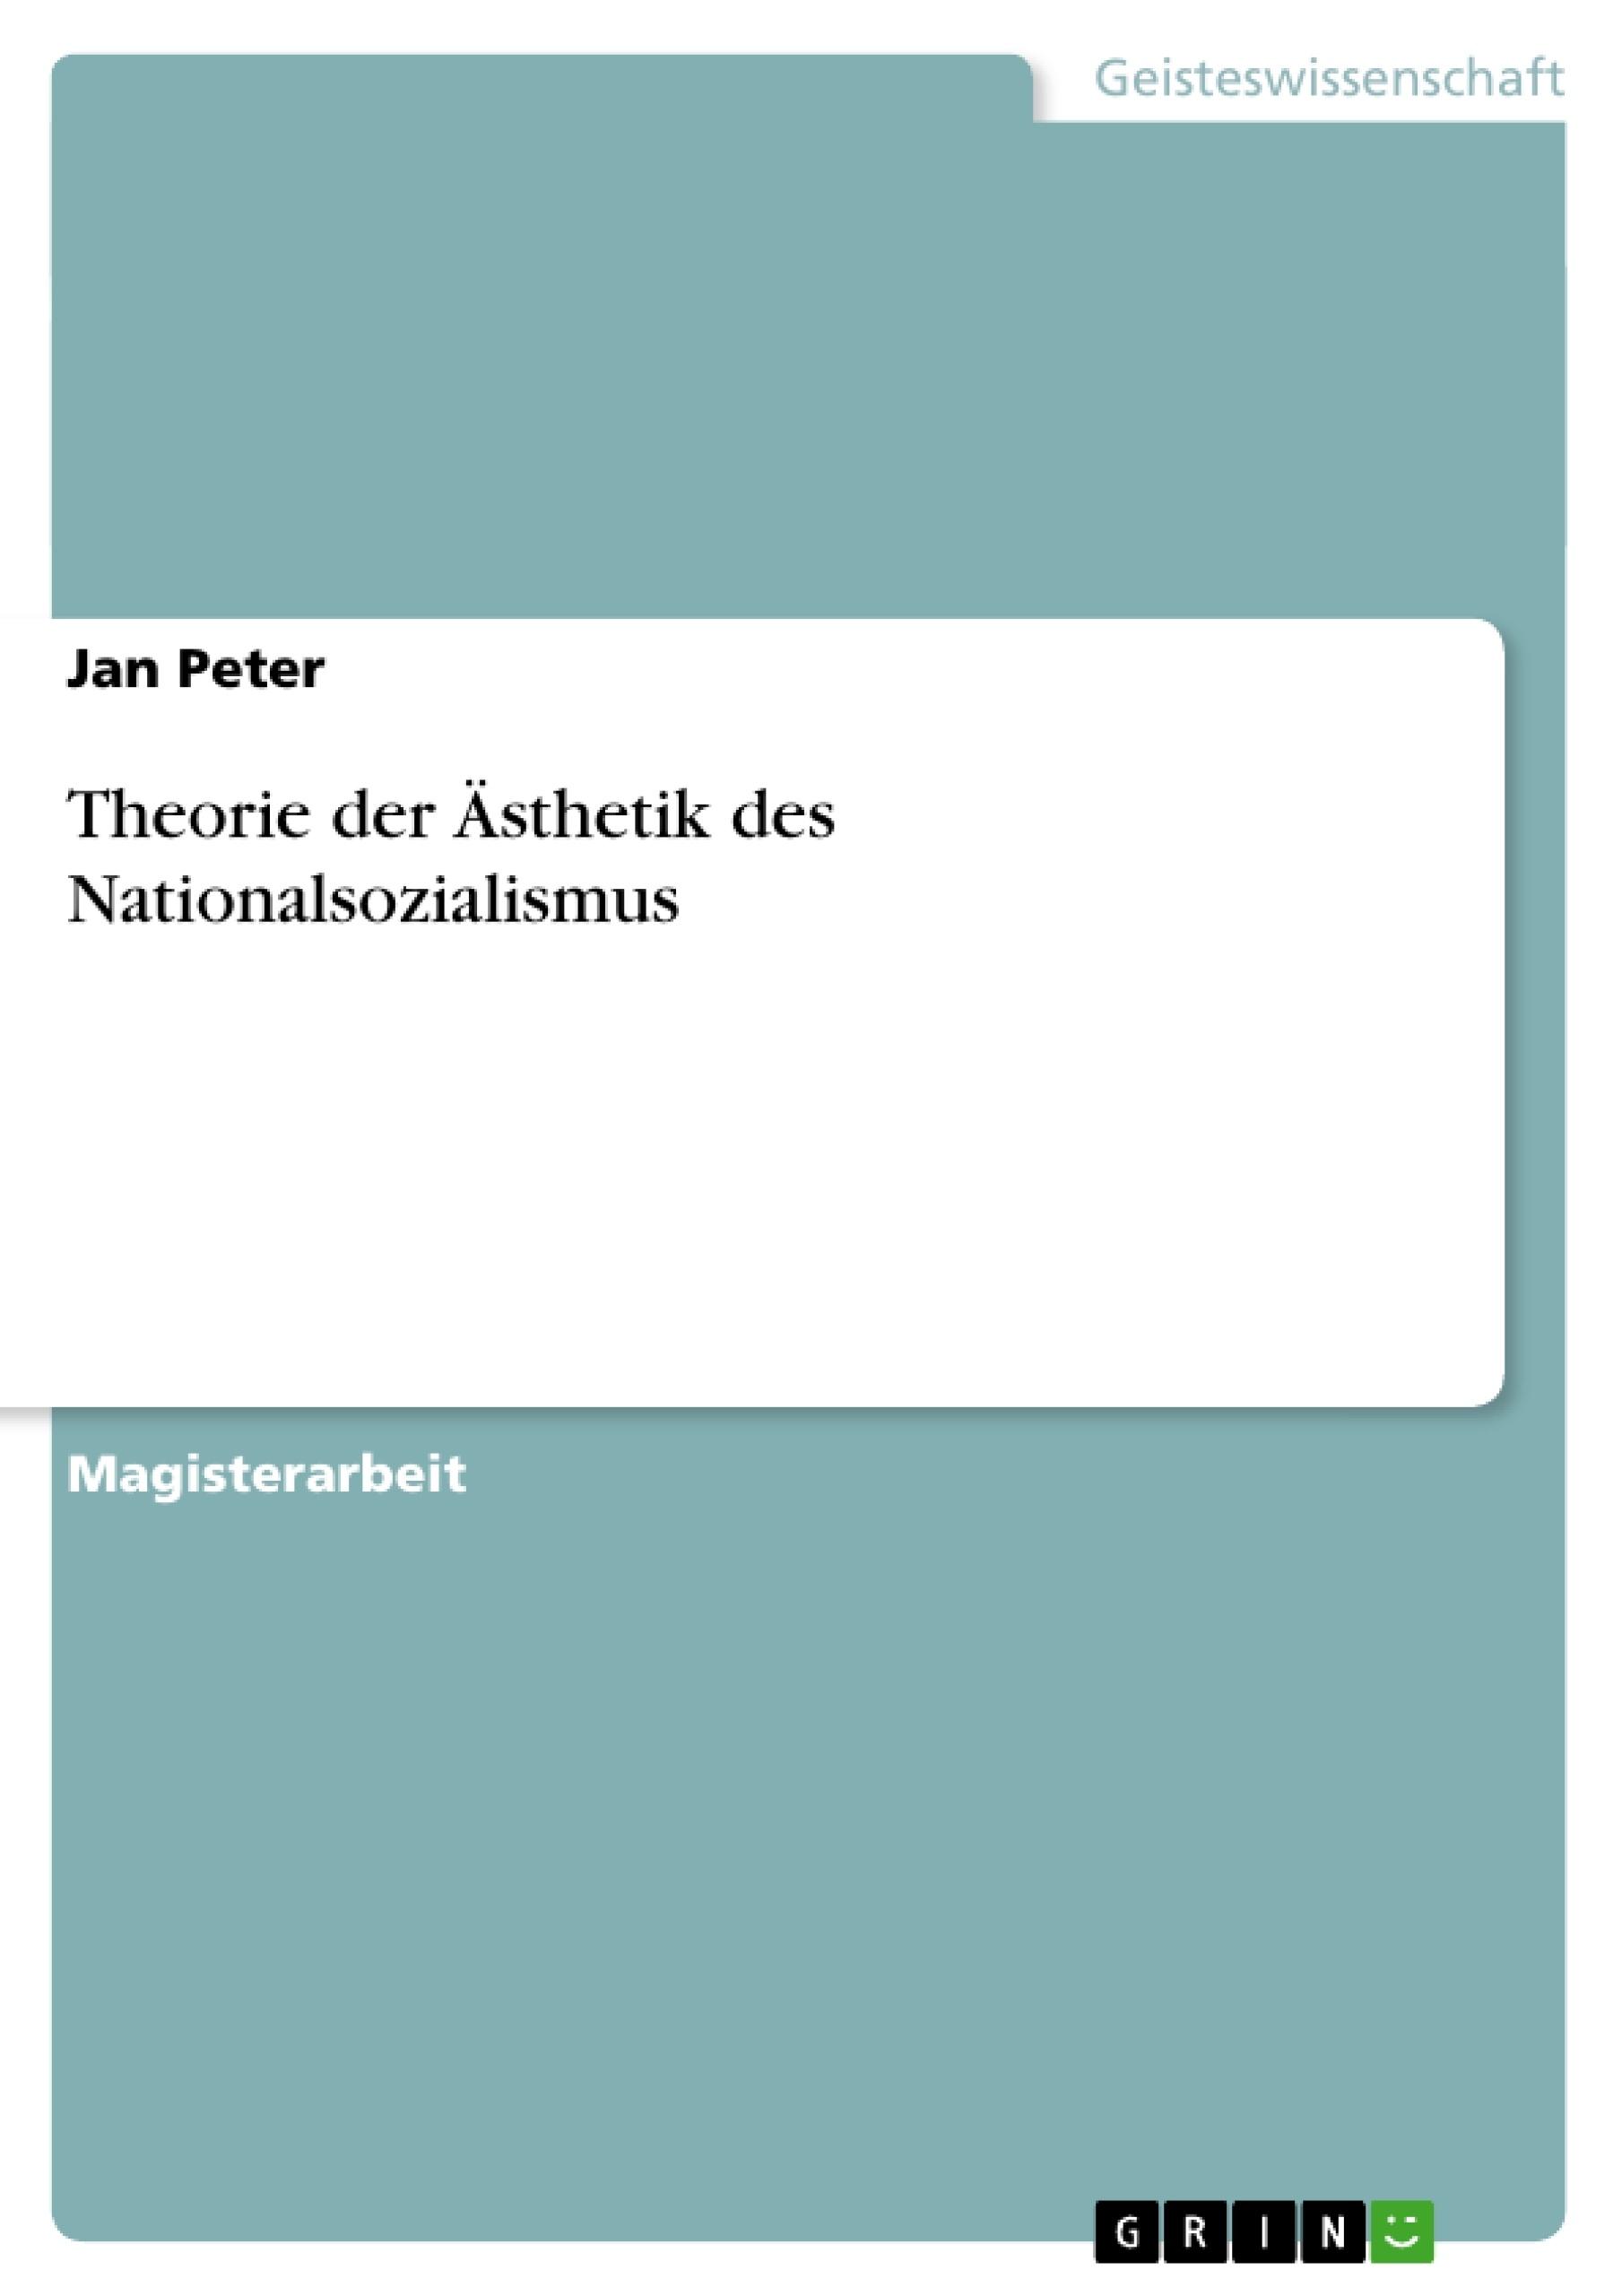 Titel: Theorie der Ästhetik des Nationalsozialismus